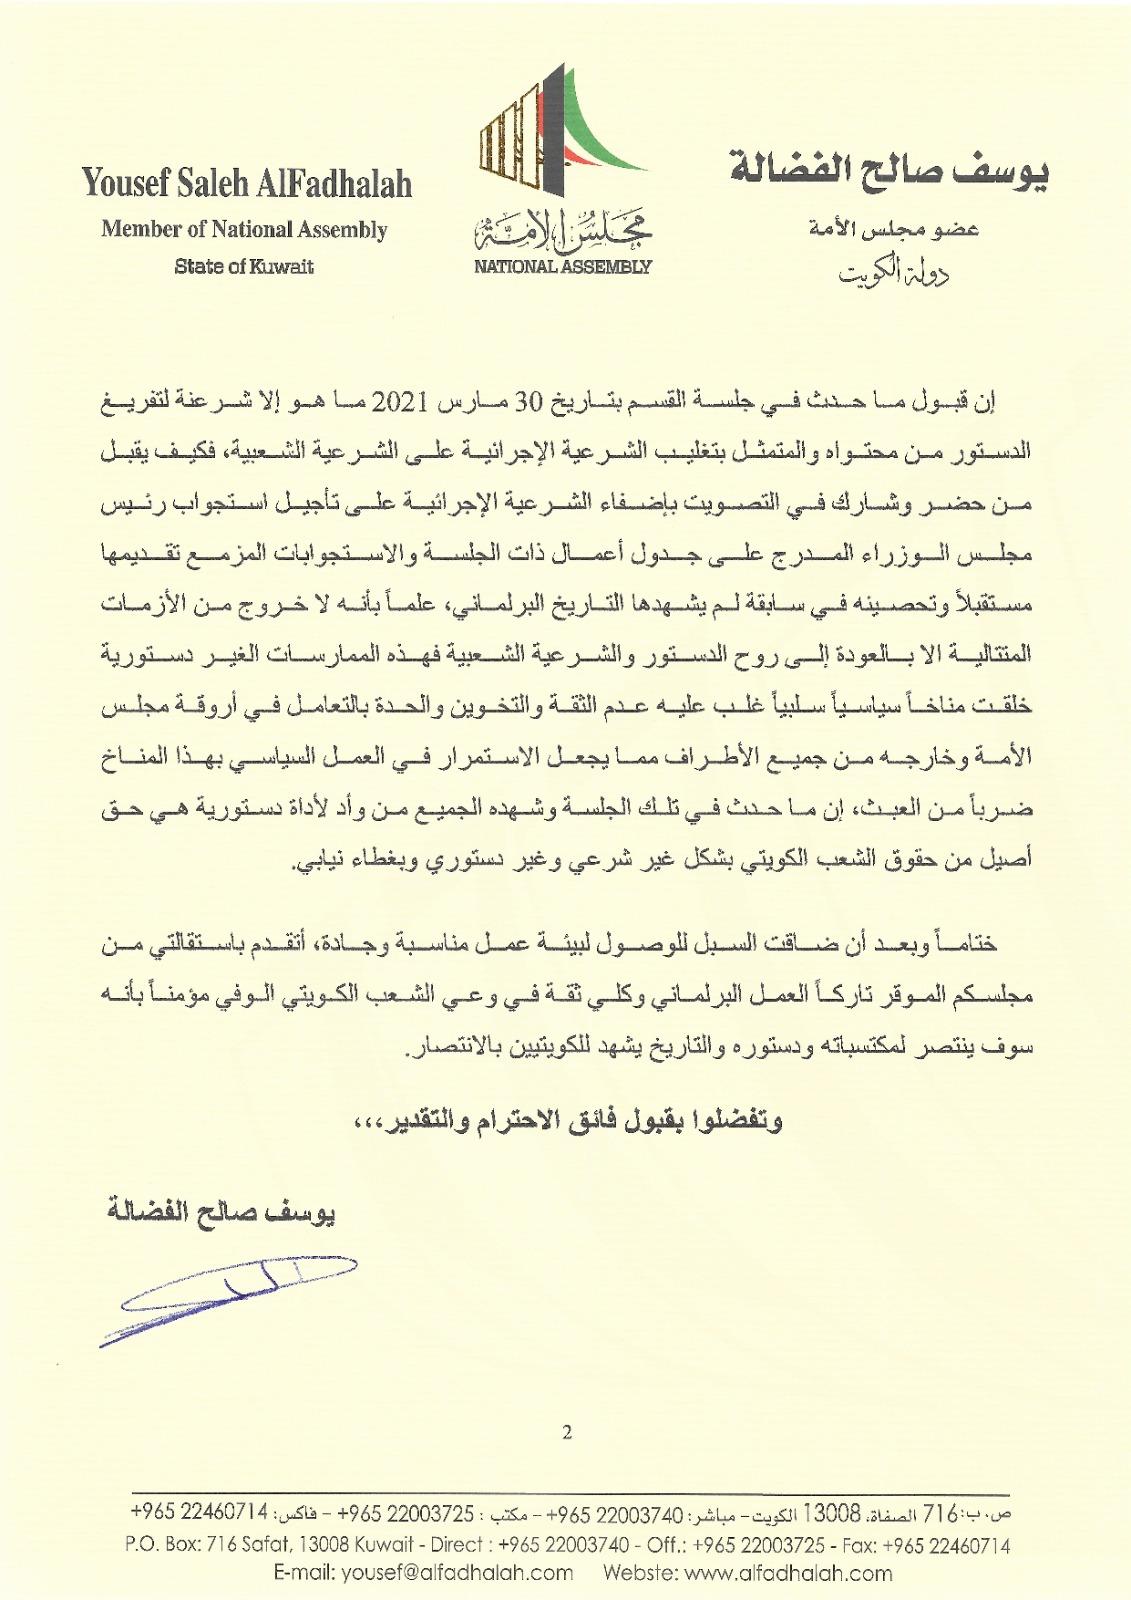 ٢٠٢١٠٤٠٧ ١١٥٧٣٩ - النائب يوسف الفضالة يقدم استقالته من مجلس الأمة.  #العبدلي_نيوز